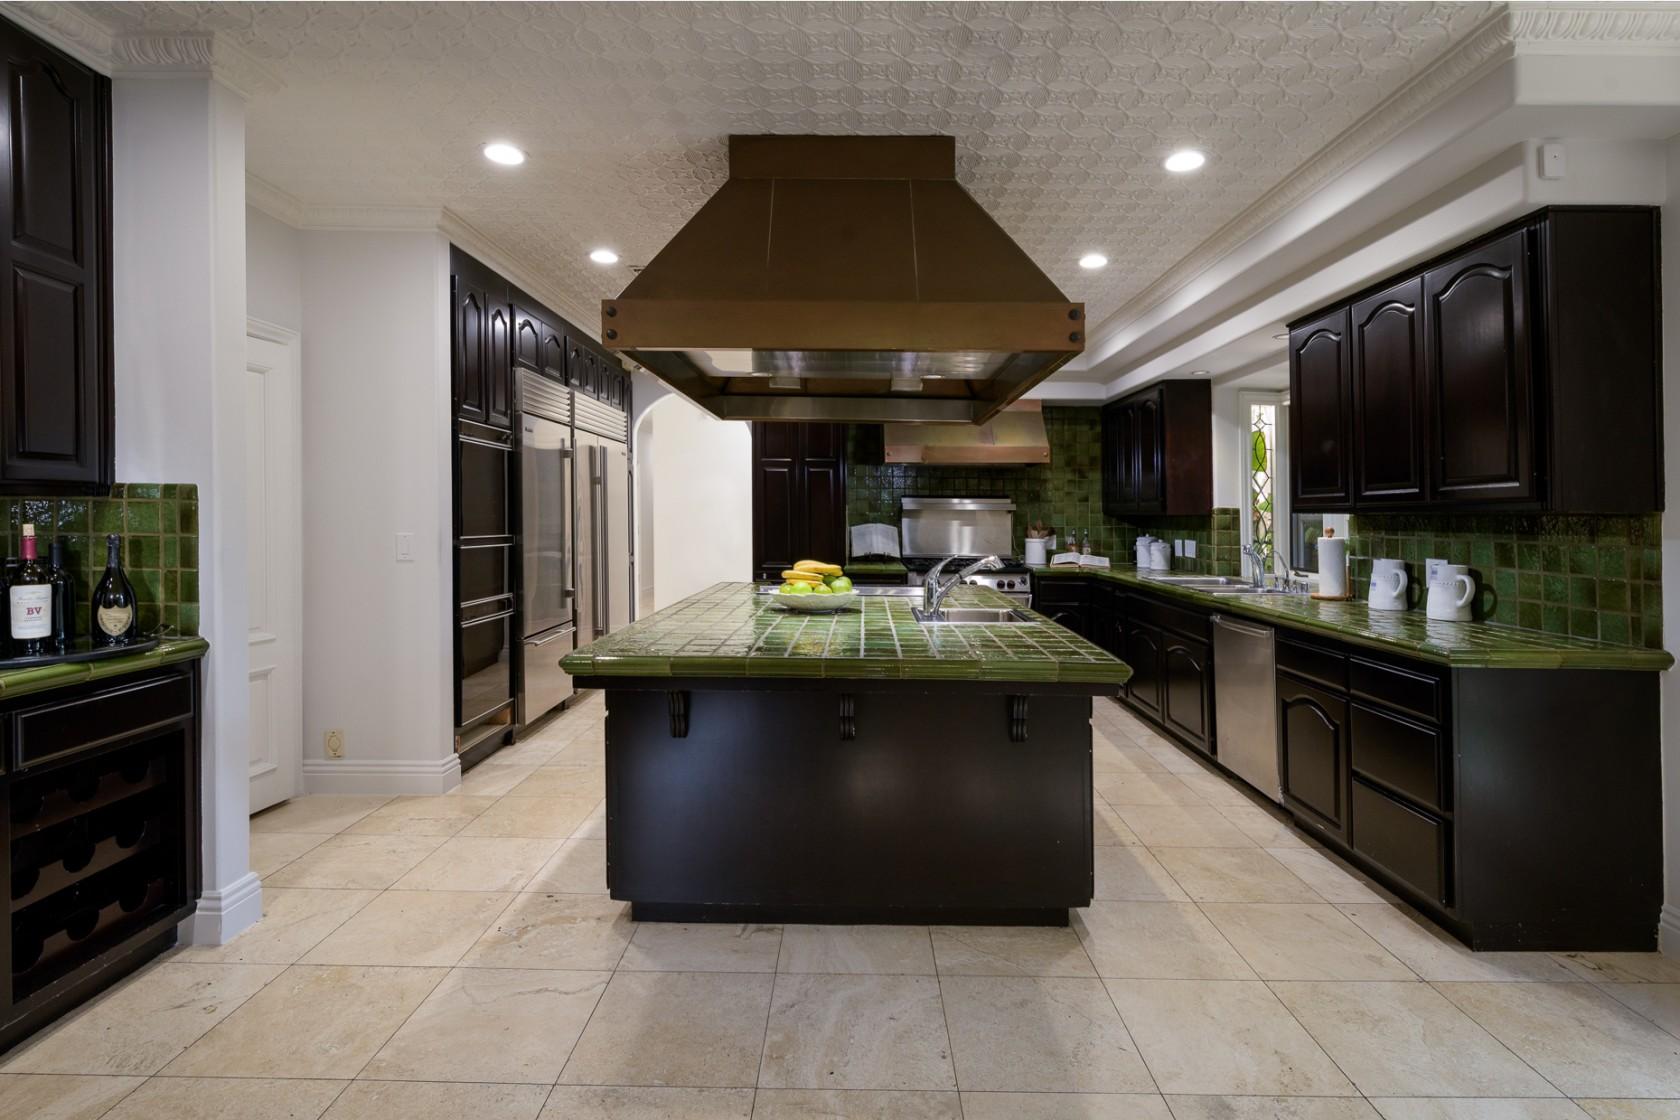 麦基以249万美元价格出售位于洛杉矶、居住五年的豪宅